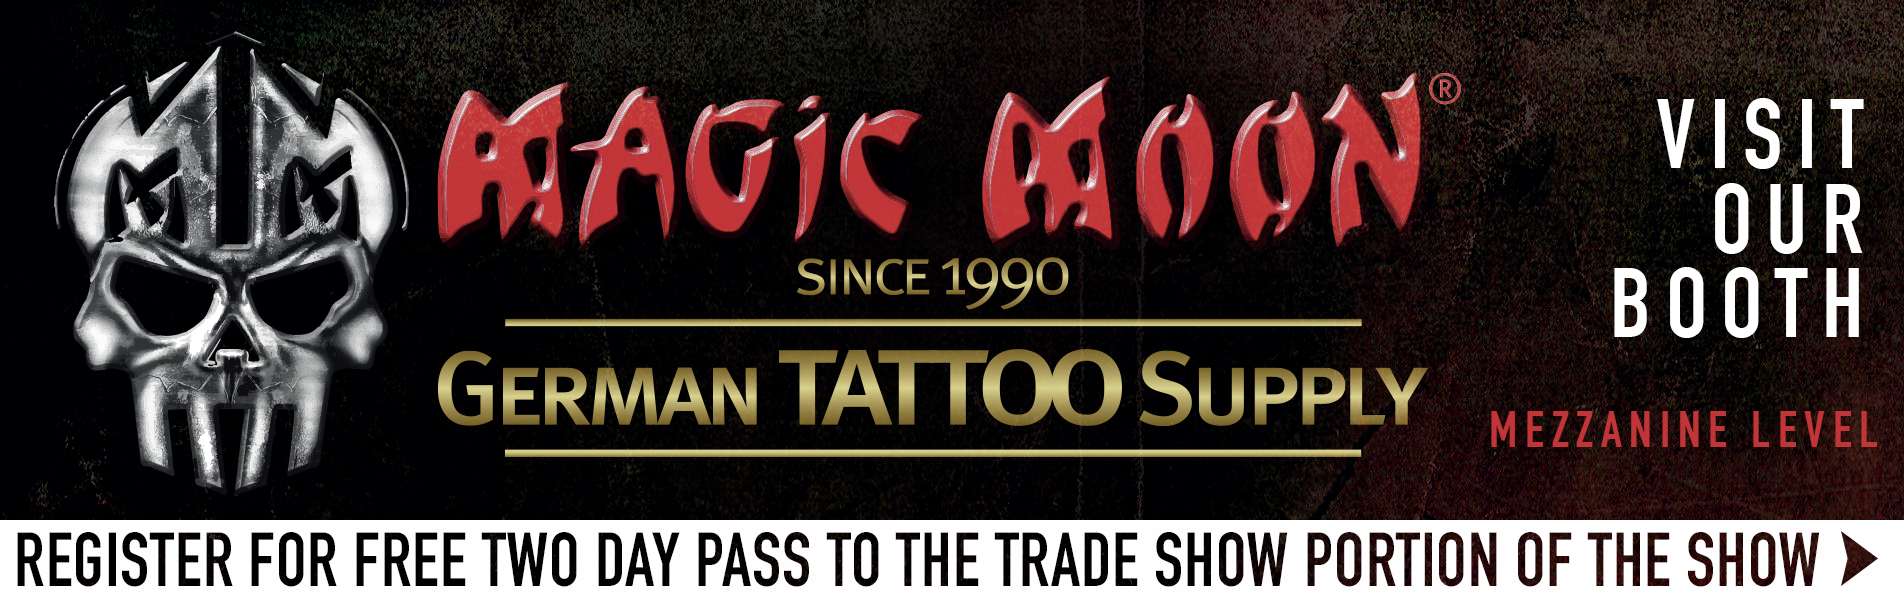 magic moon vendor banner